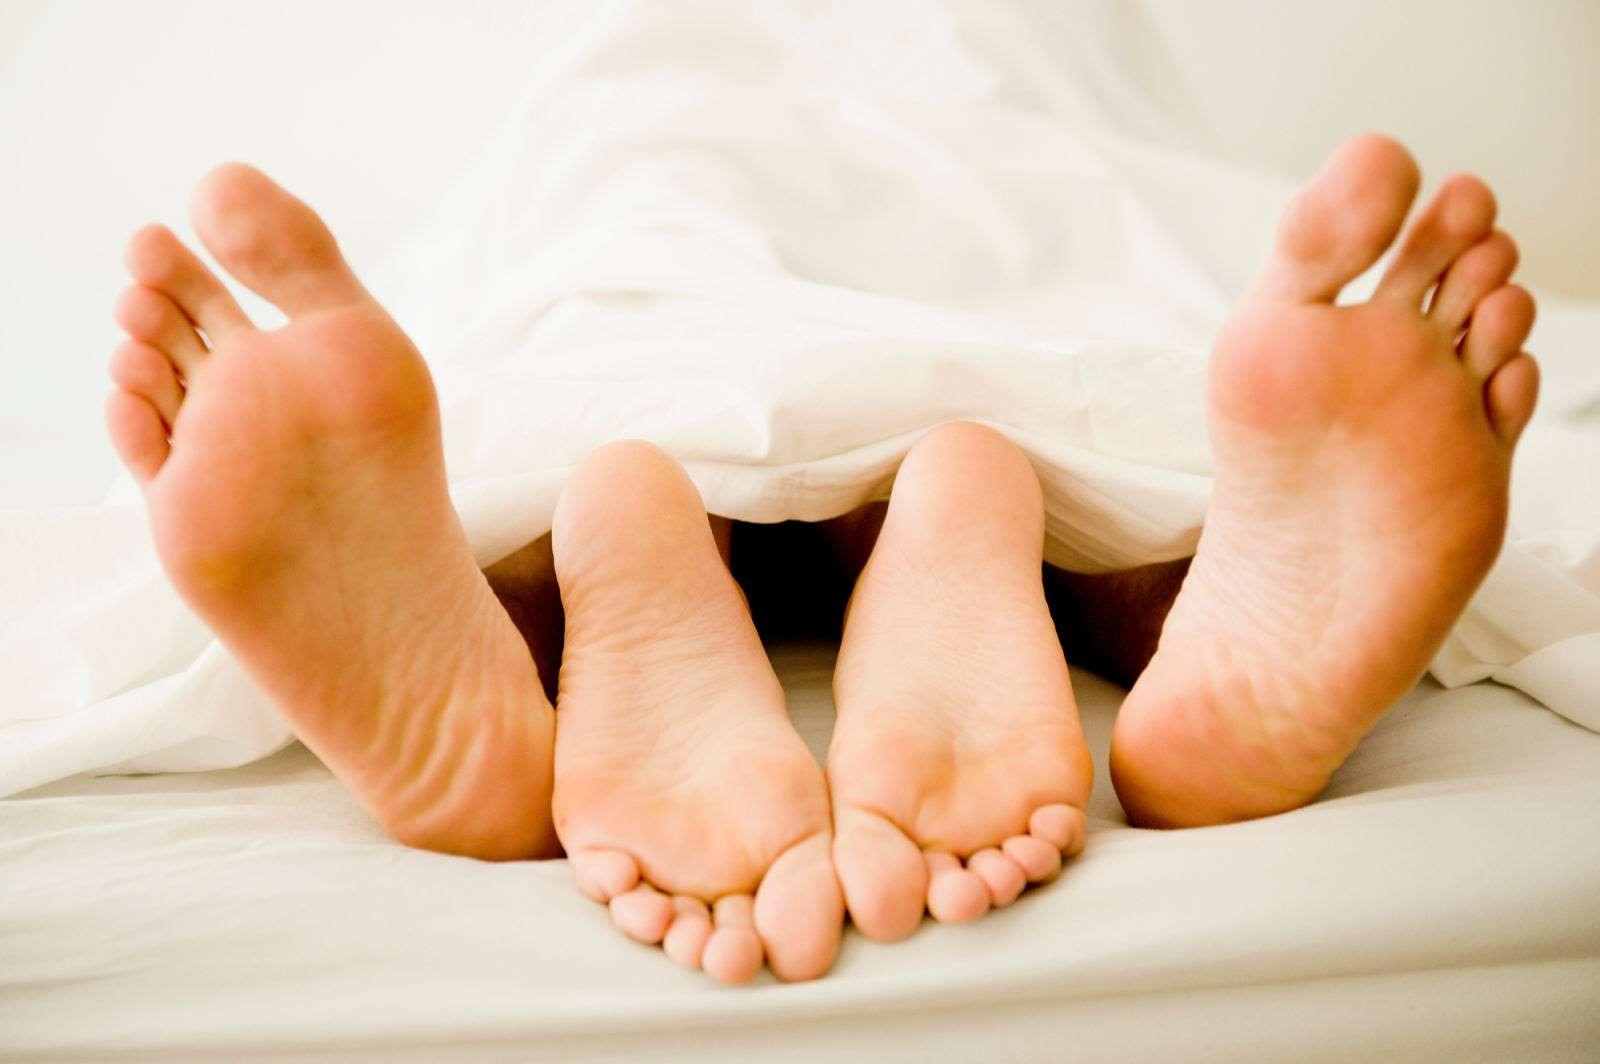 В Германии изобретён революционный метод контрацепции